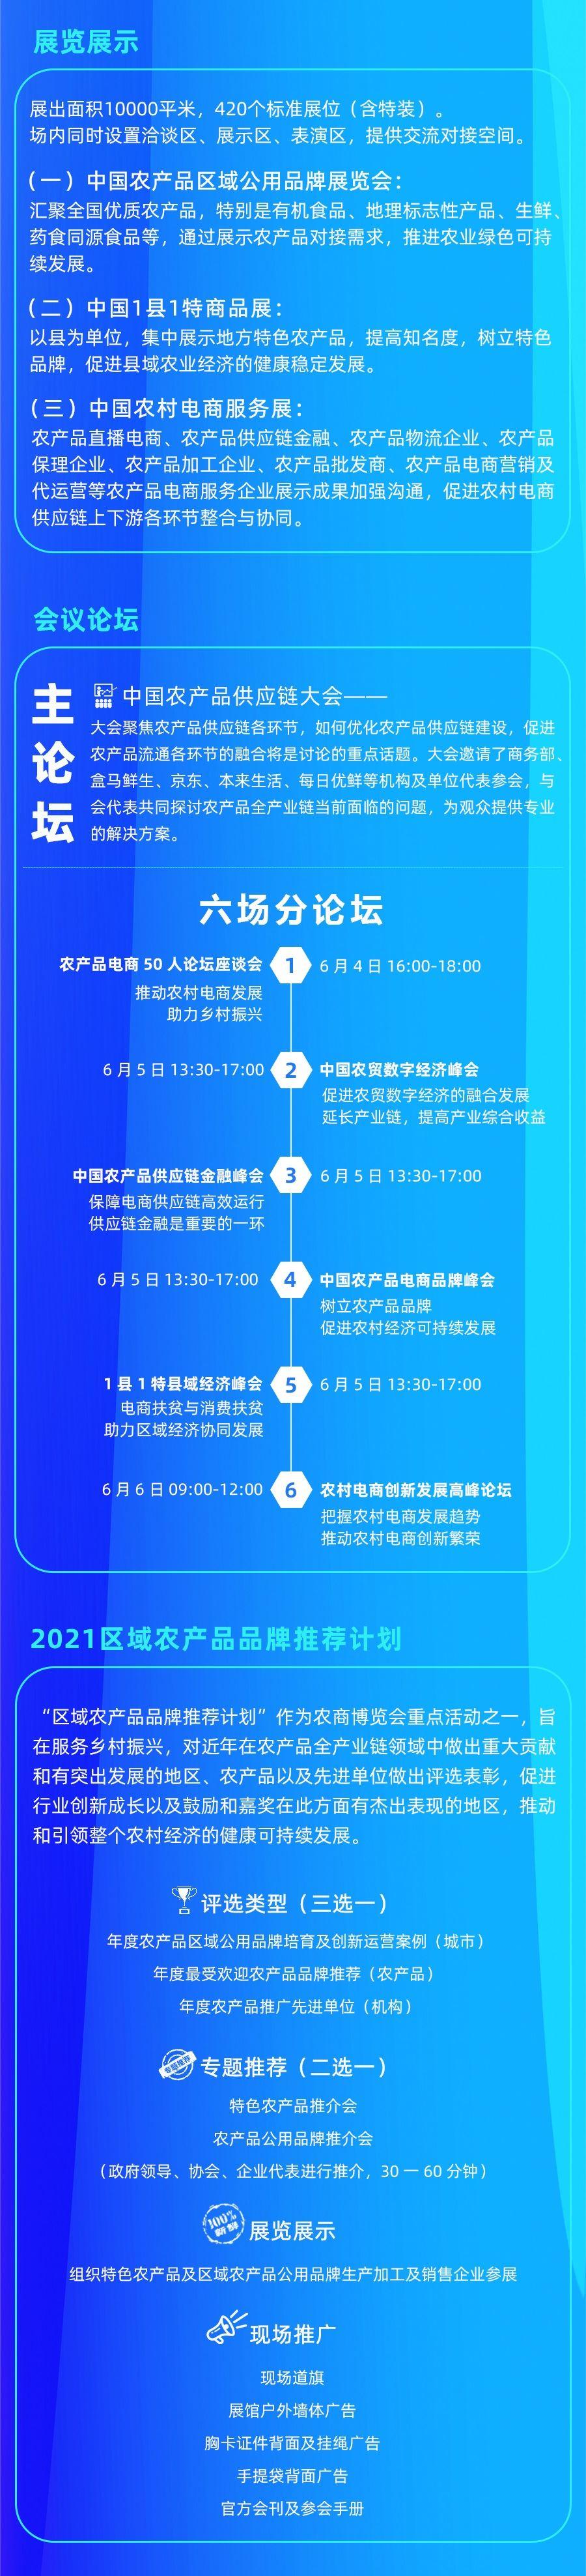 2021中国农产品供应链博览会3.jpg